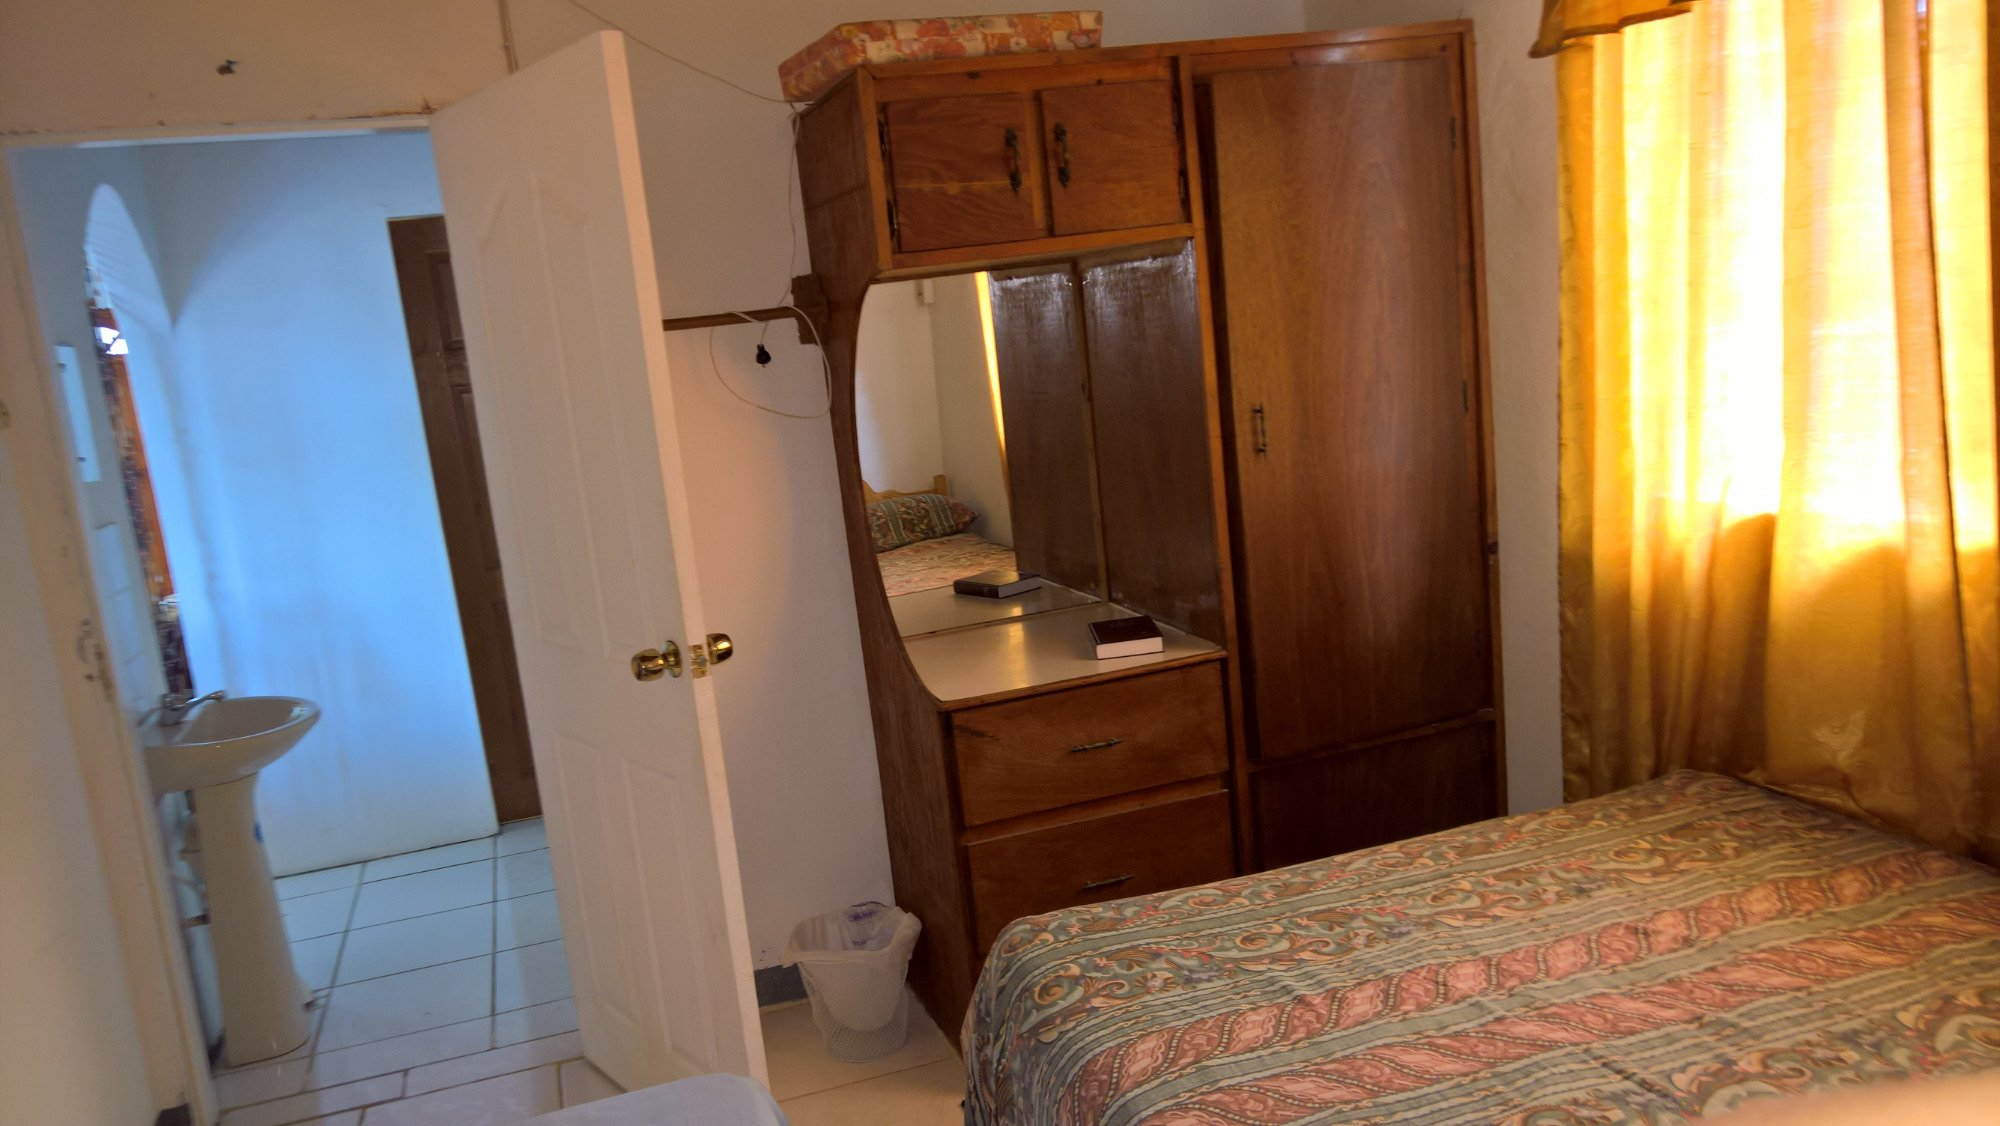 Davis Atlantic View Guest House